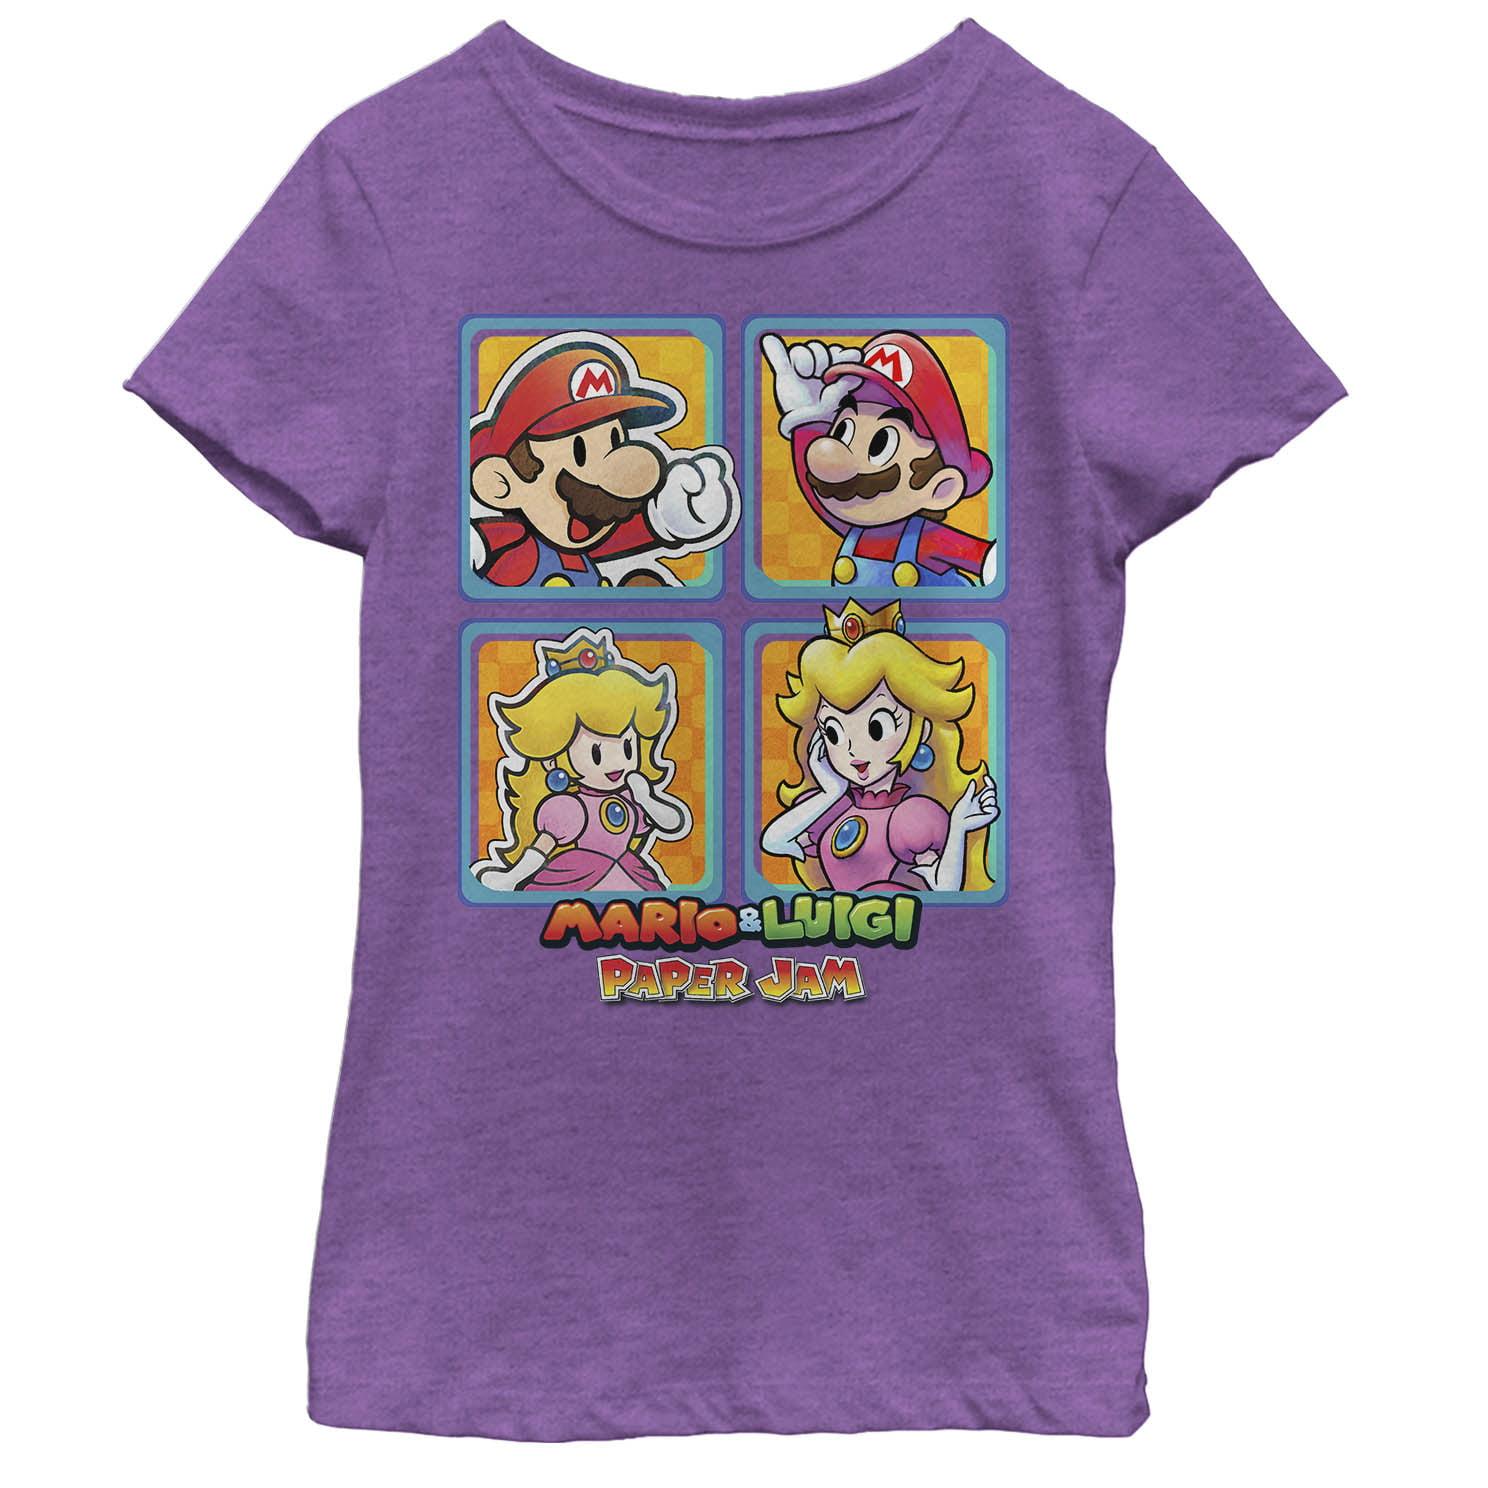 Nintendo Nintendo Girls Mario And Luigi Paper Jam Princess